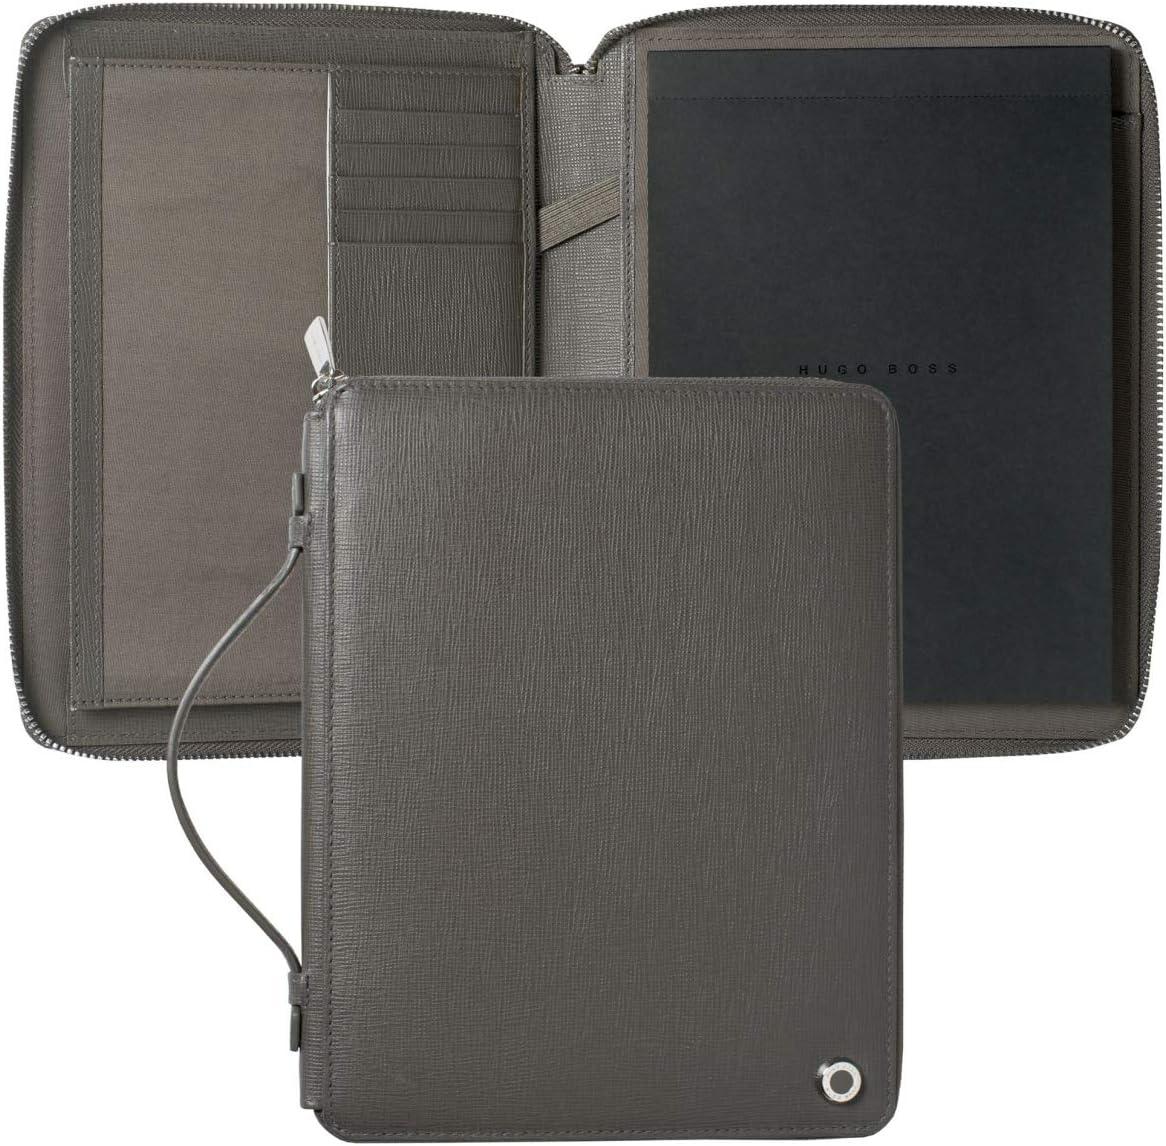 Hugo Boss hlh804h Conferencia carpeta A5 Tradición Antracita Medium gris: Amazon.es: Oficina y papelería